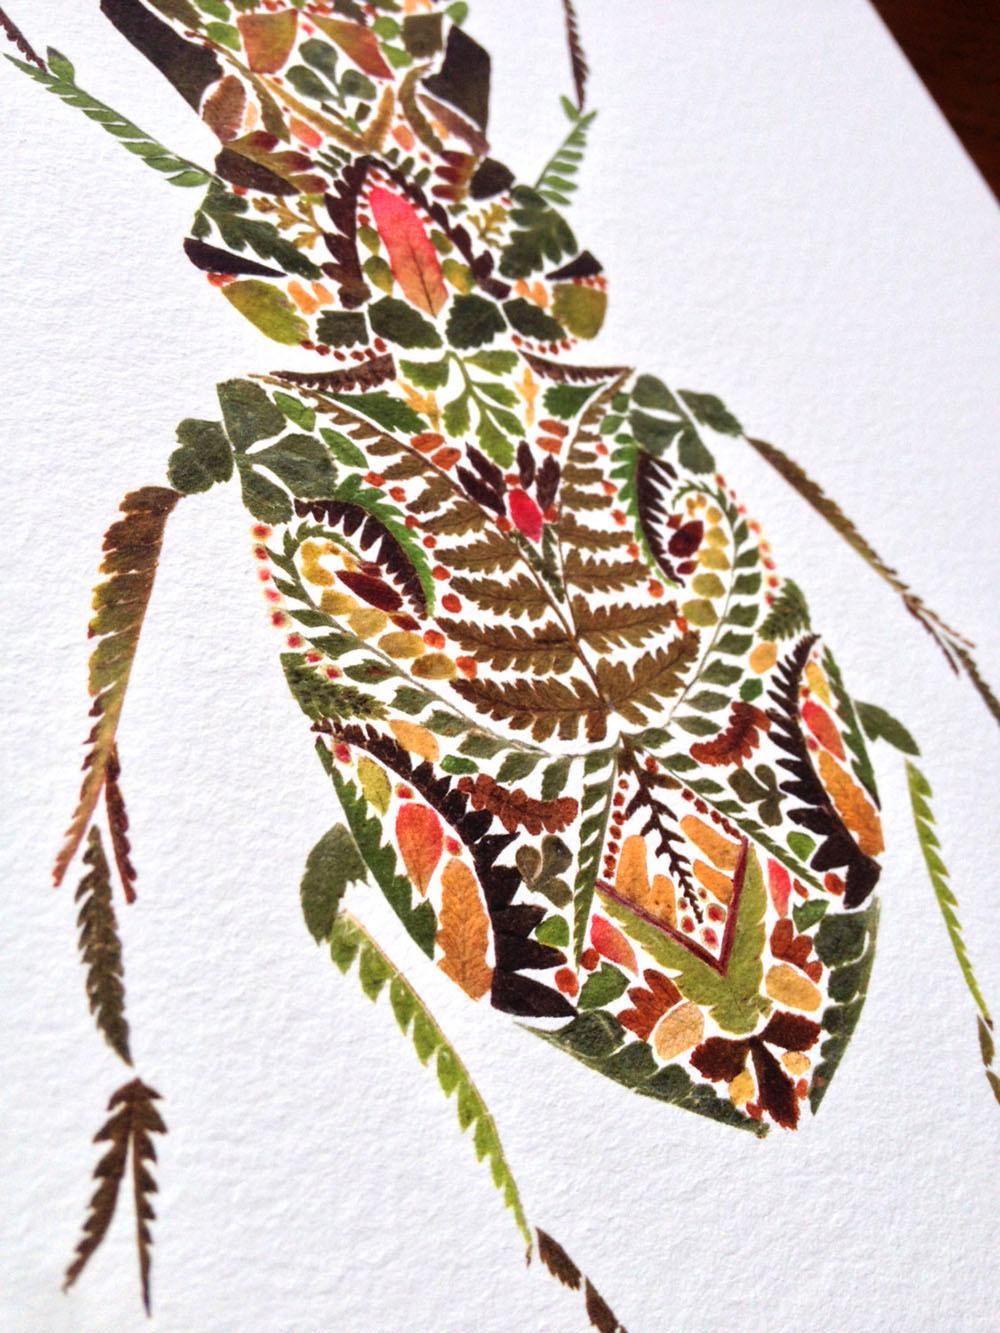 szarvasbogár préselt levelekből